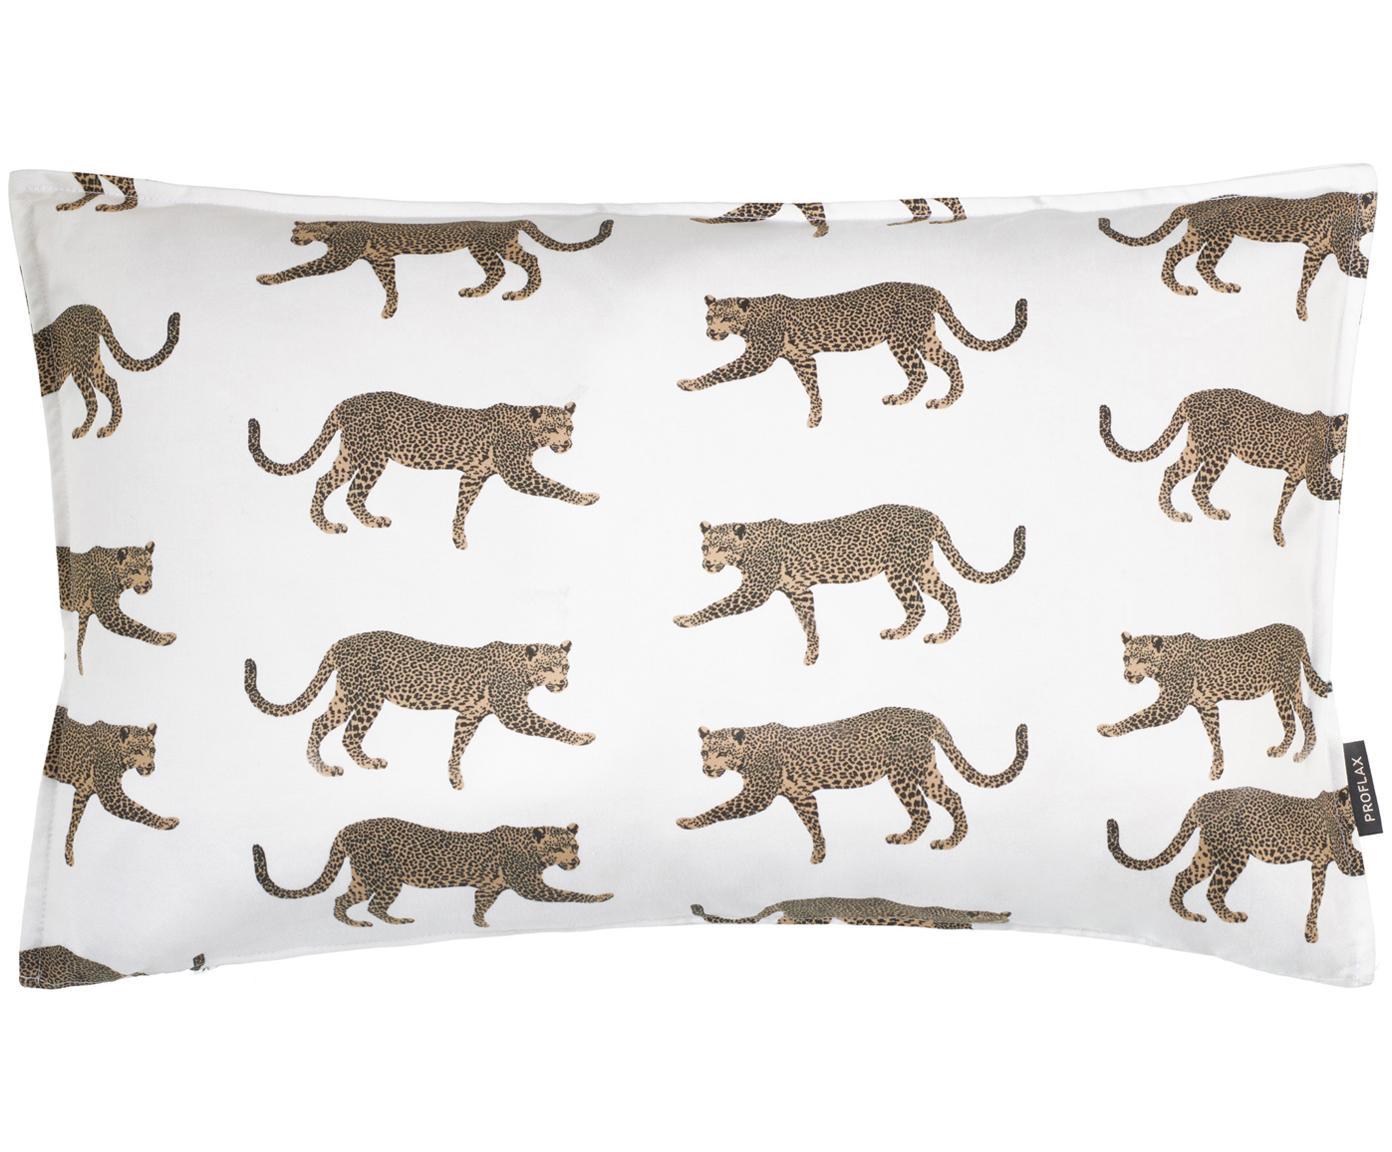 Kussenhoes Tambo met luipaarden motief, Katoen, Gebroken wit, beige, zwart, 30 x 50 cm